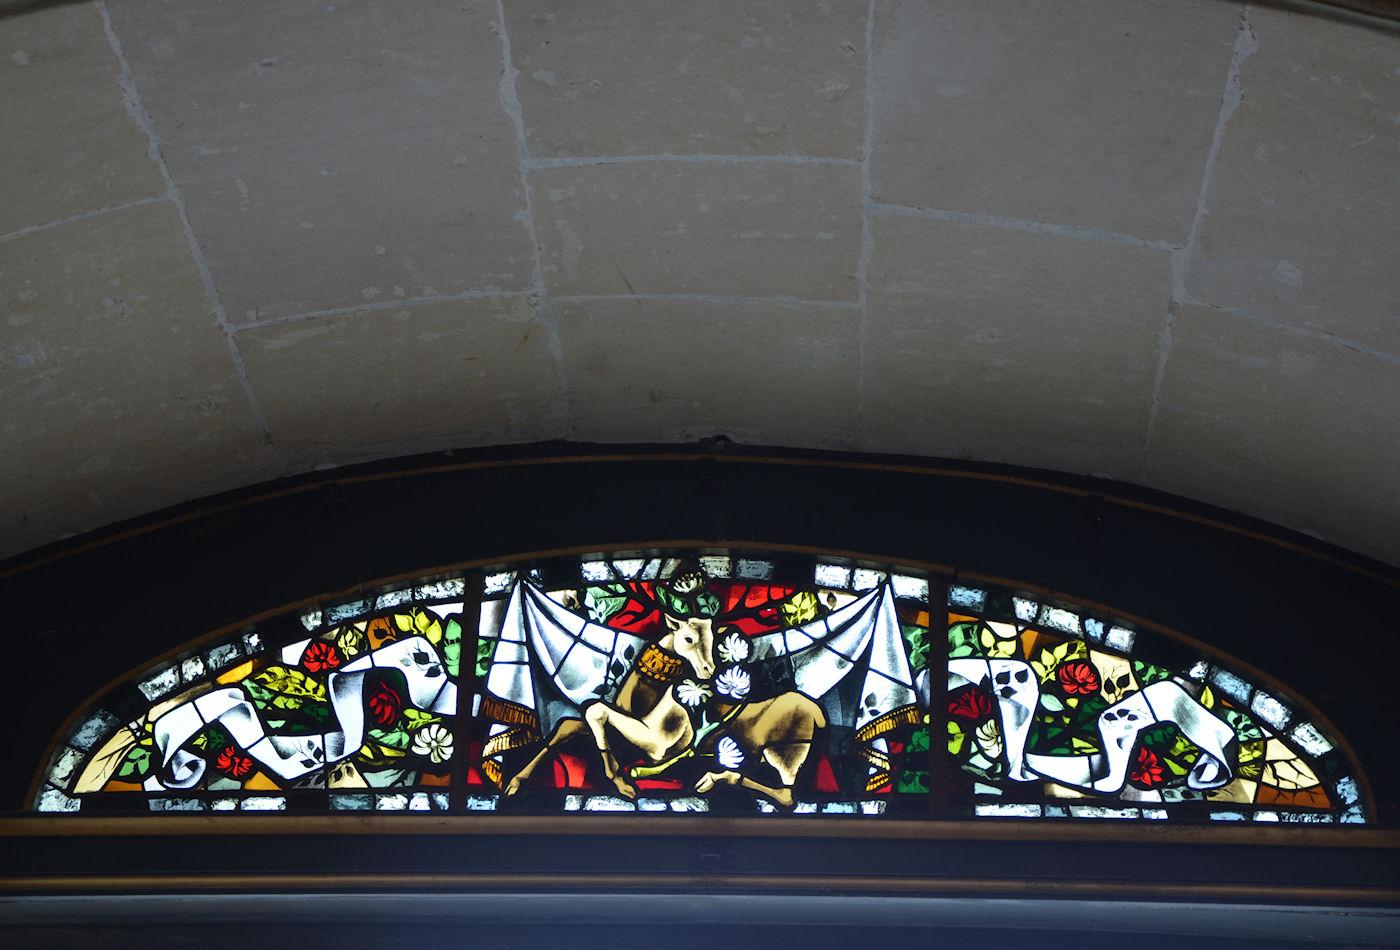 photographie du vitrail au dessus de la porte d 39 entr e. Black Bedroom Furniture Sets. Home Design Ideas